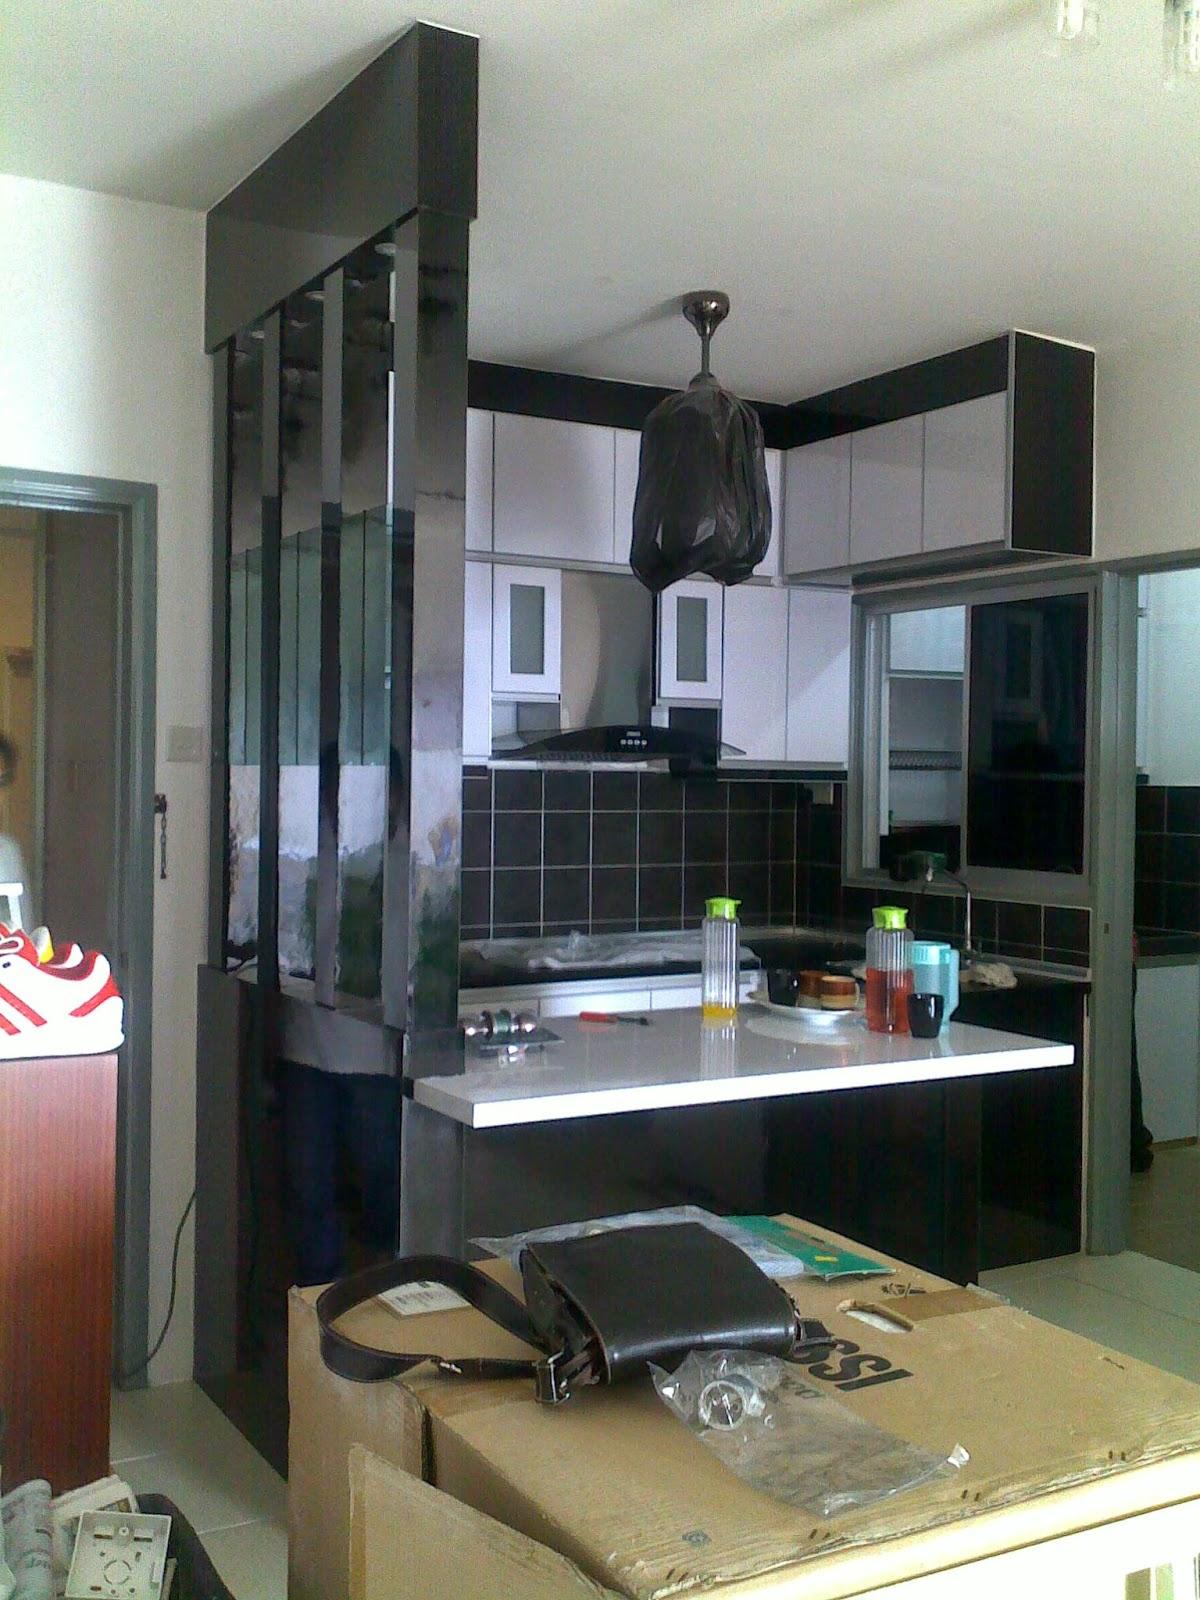 Kabinet Dapur Nampak Ruang Selesa Dgn Permainan Kaler Hitam Dn Putih Menampakakn Lagi Tu Besar Umah Ni Apartment So Bile